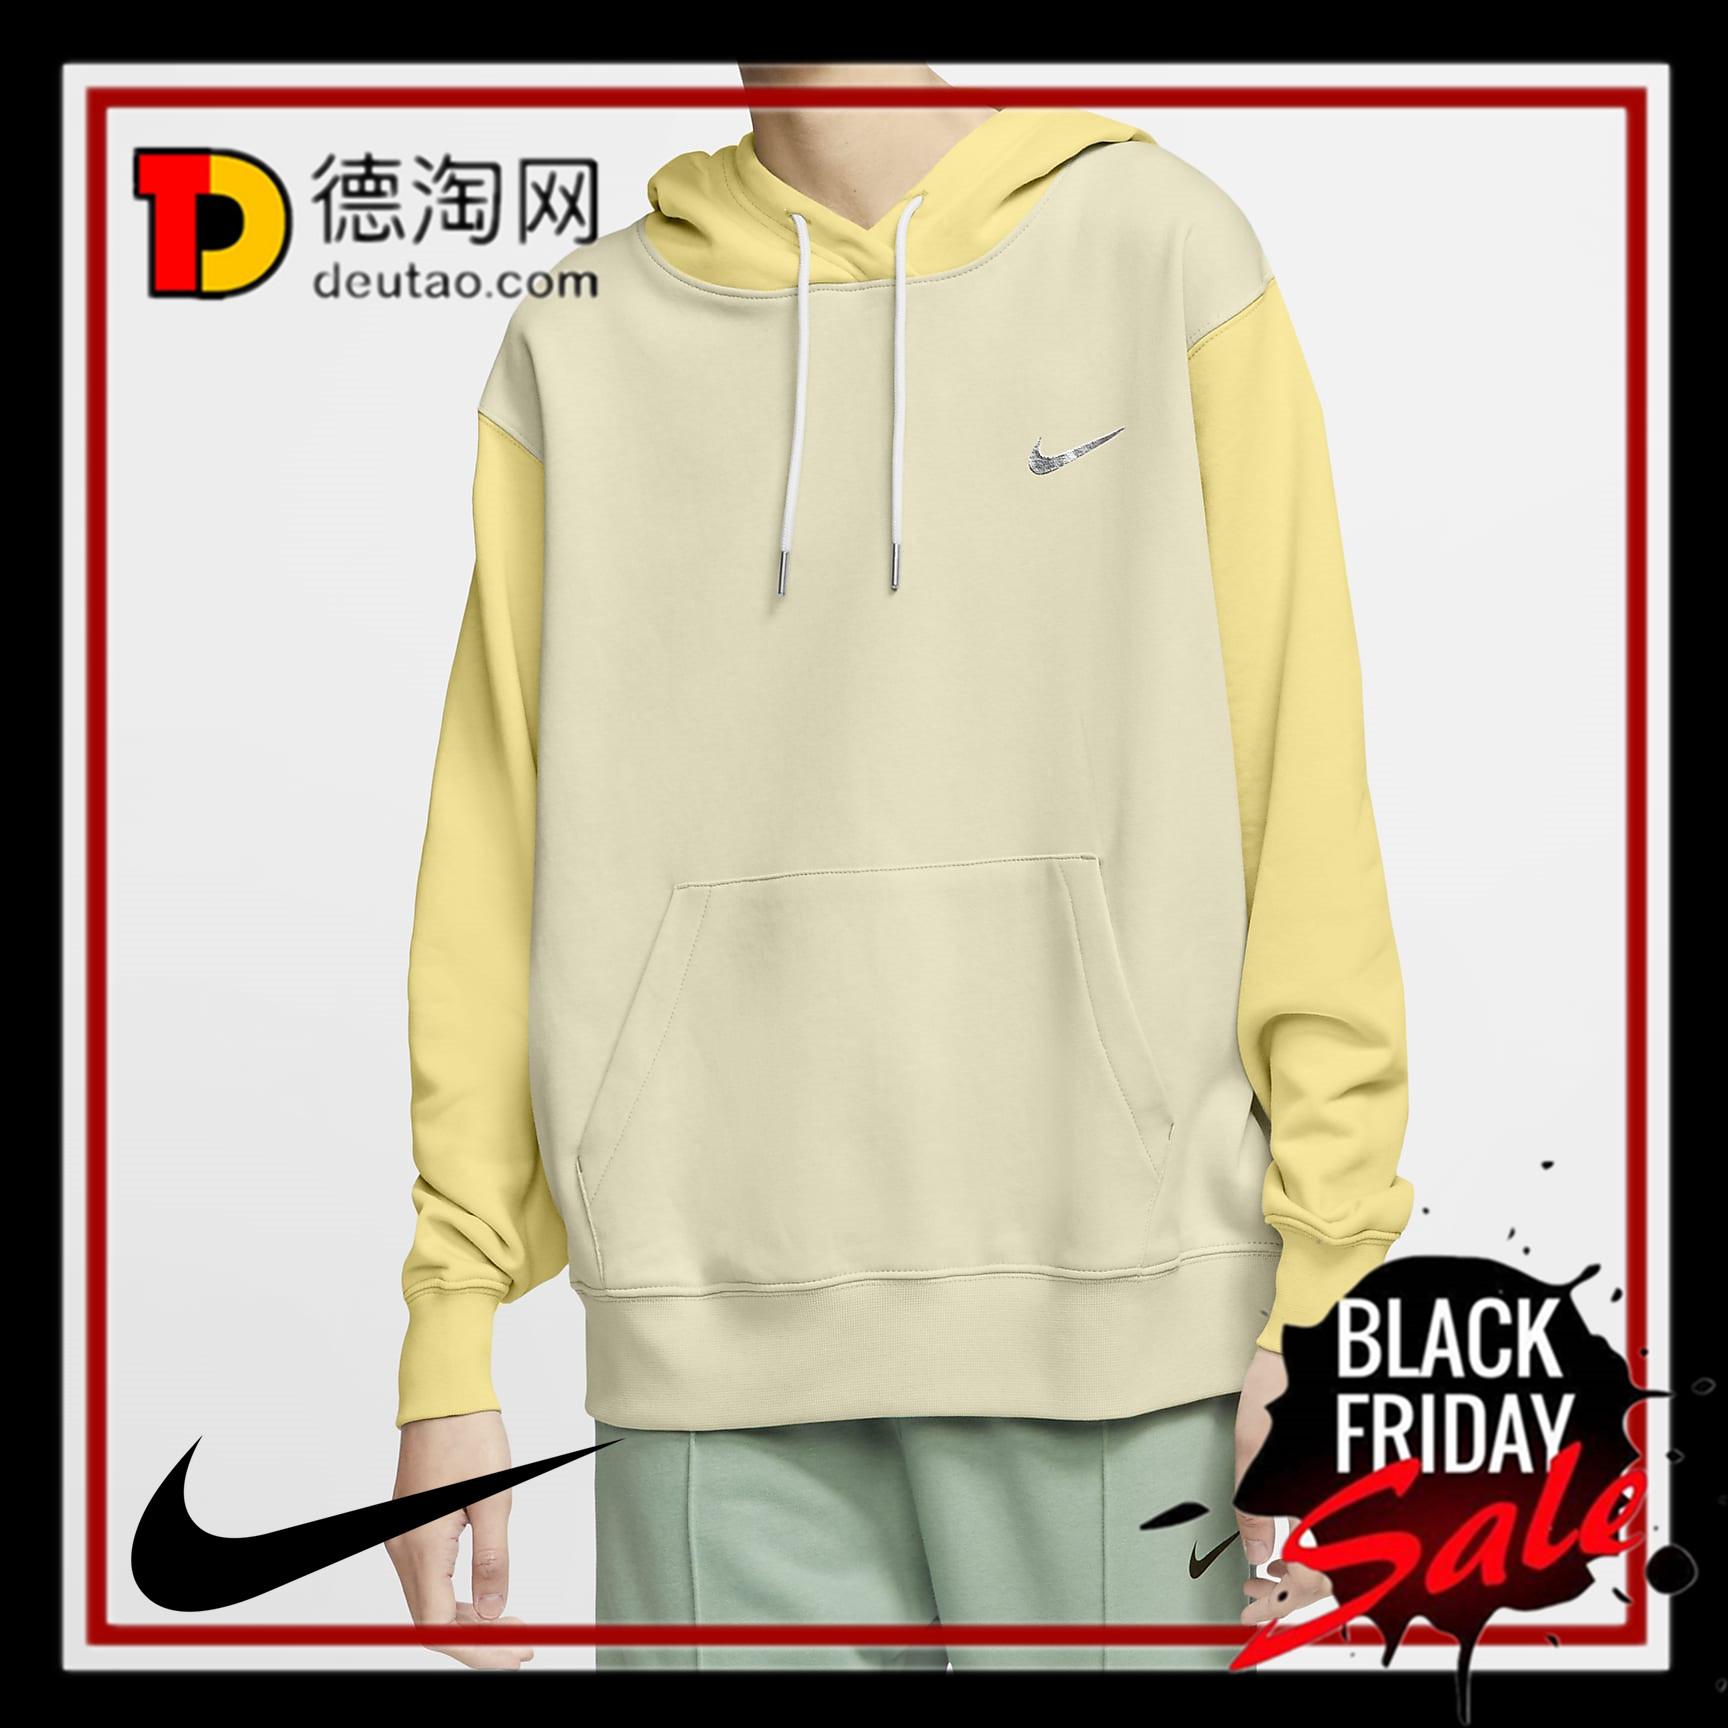 让人期待春天的拼接卫衣!Nike 卫衣